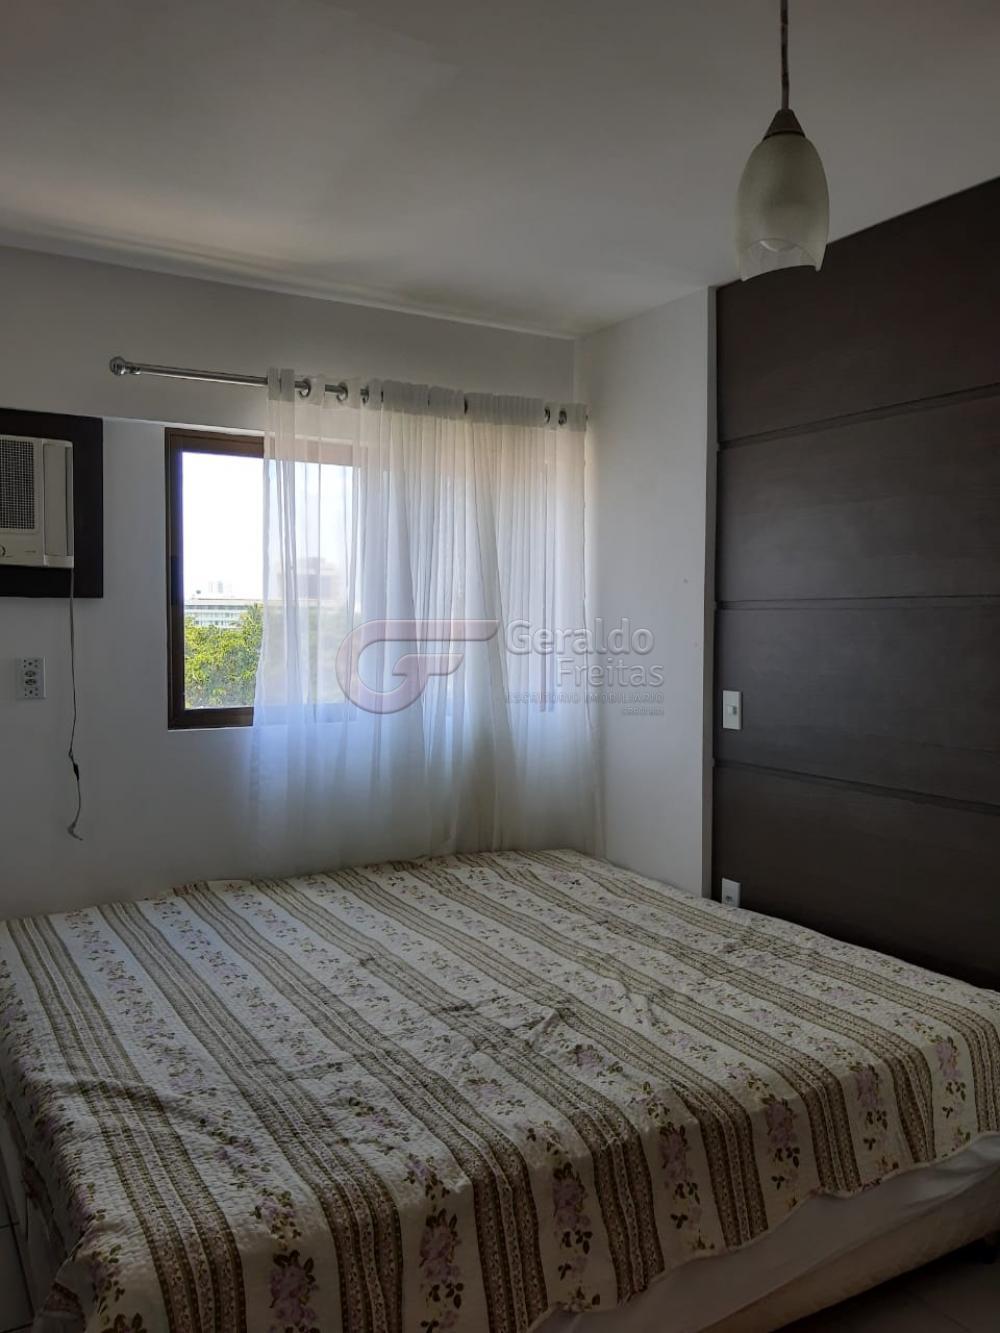 Comprar Apartamentos / Padrão em Maceió apenas R$ 350.000,00 - Foto 23